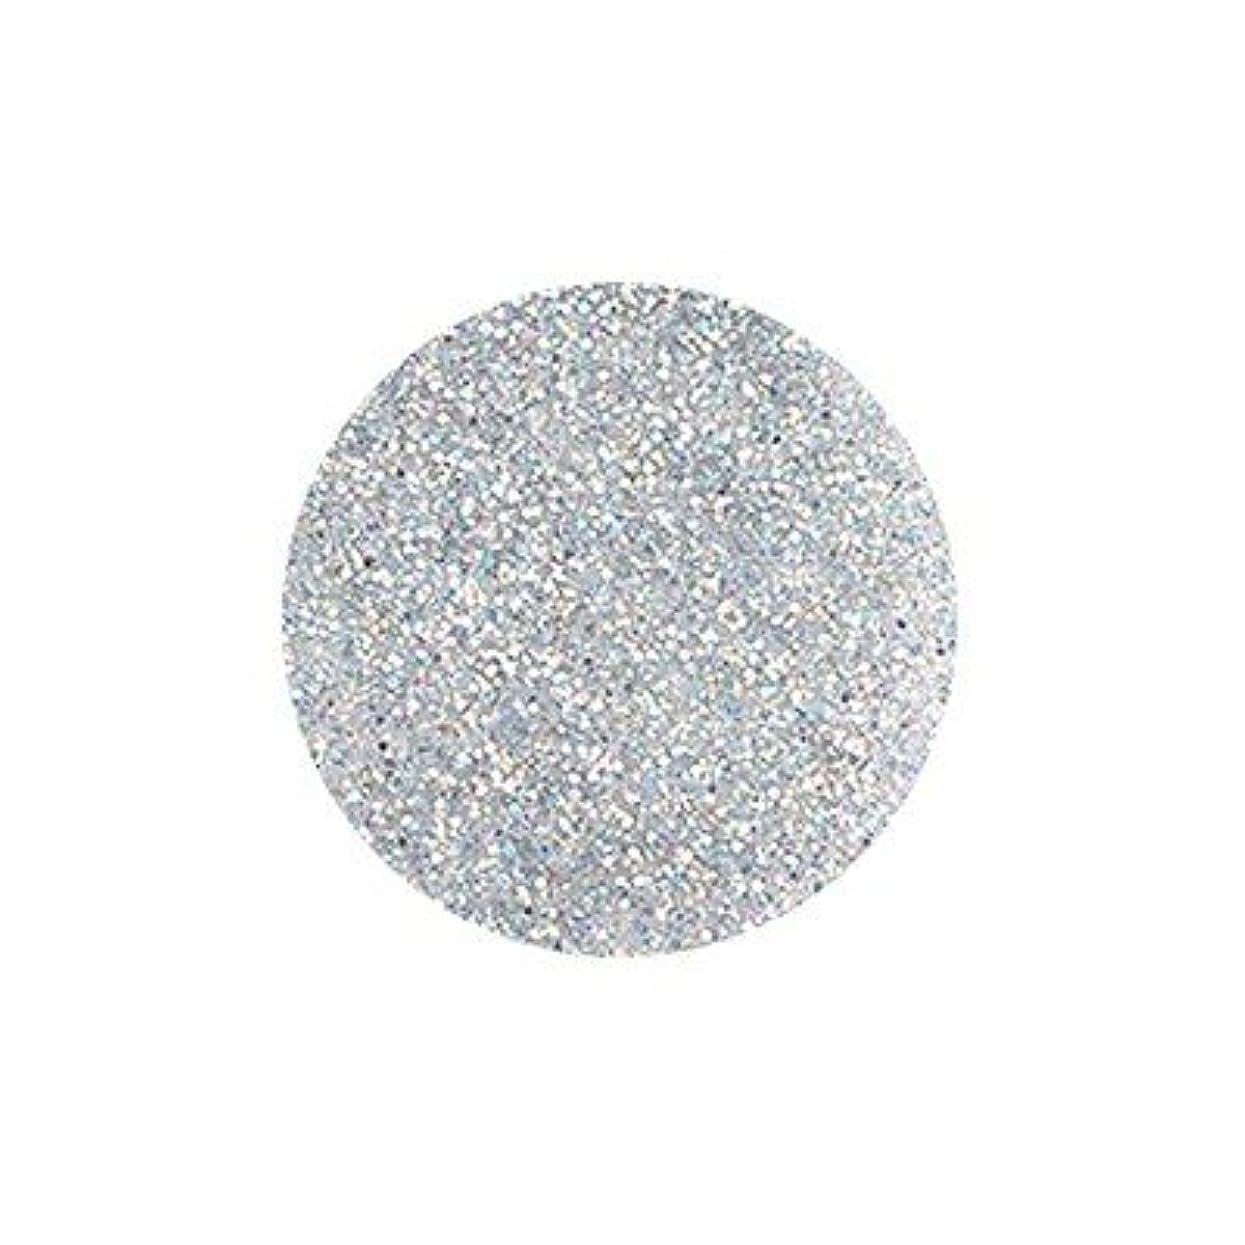 必要性人質ブラインドFANTASY NAIL ダイヤモンドコレクション 3g 4264XS カラーパウダー アート材